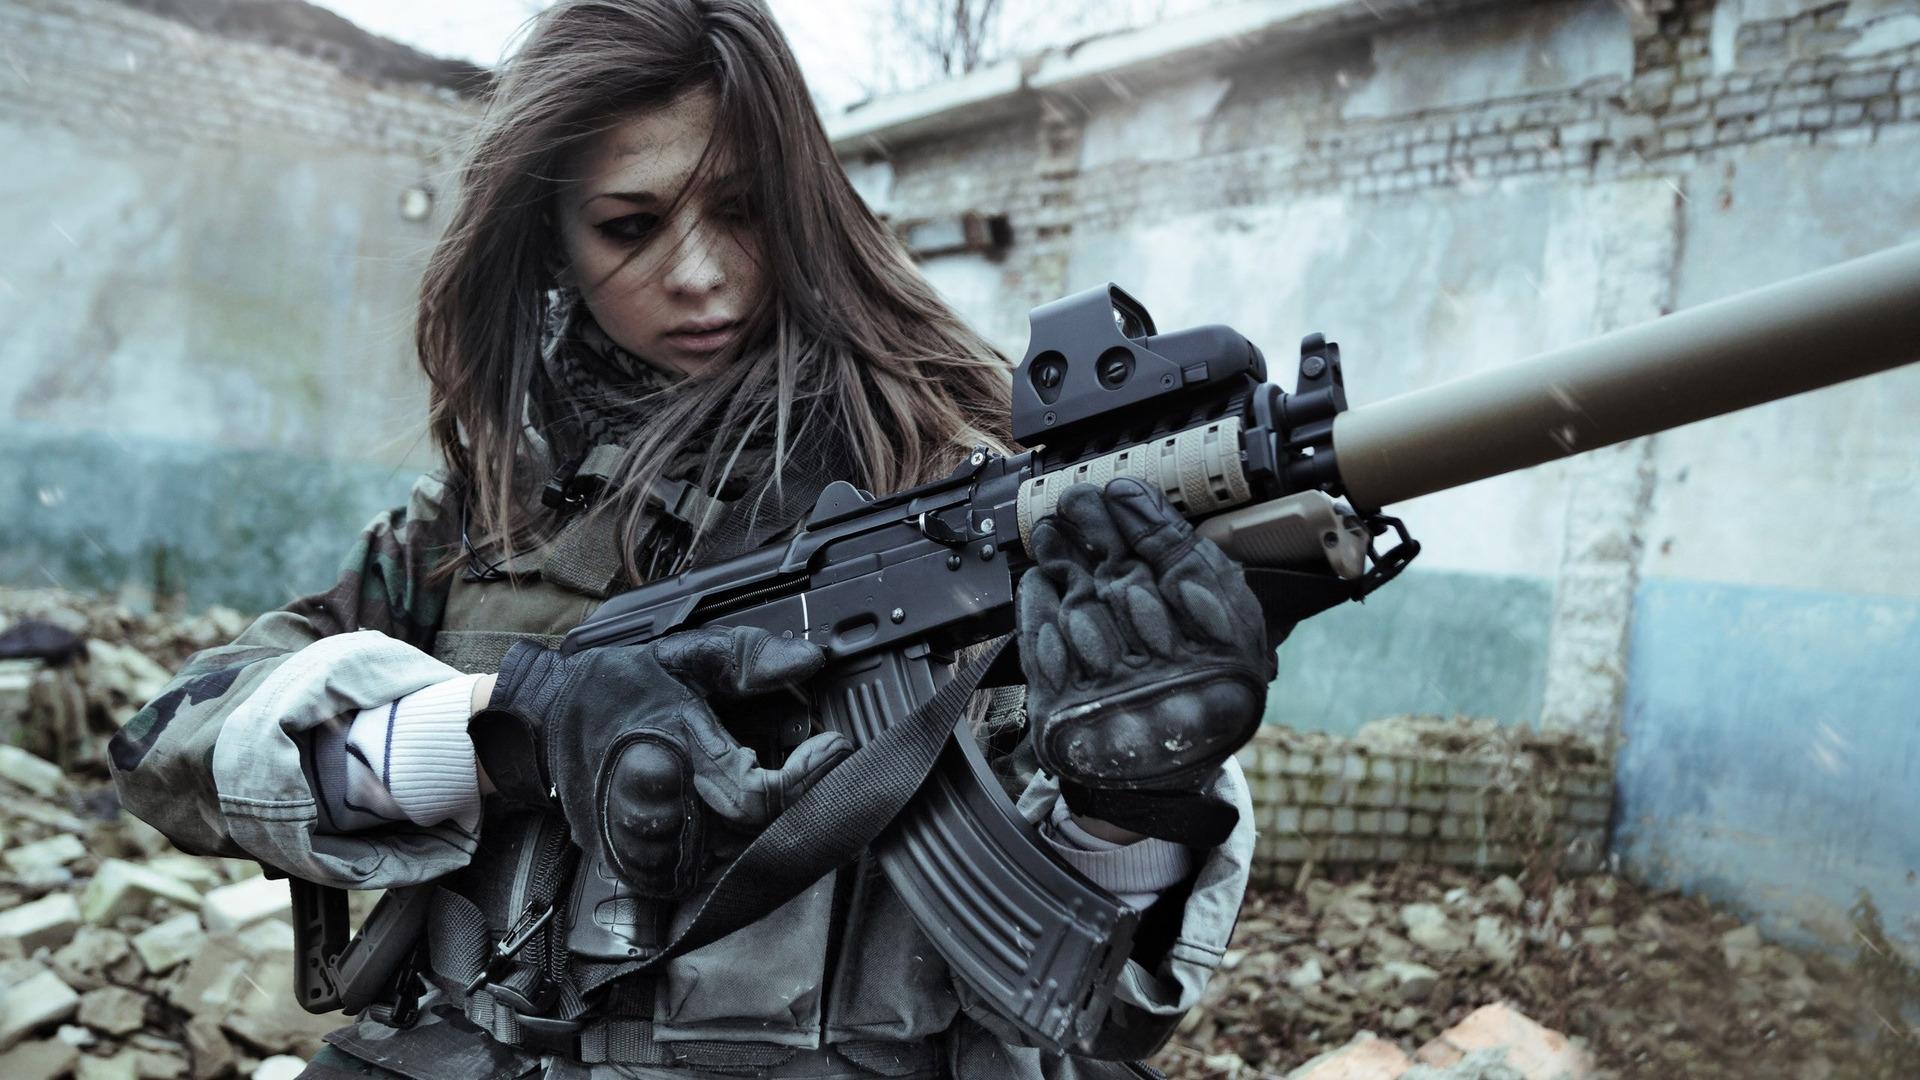 37428_soldiers_woman_soldier.jpg